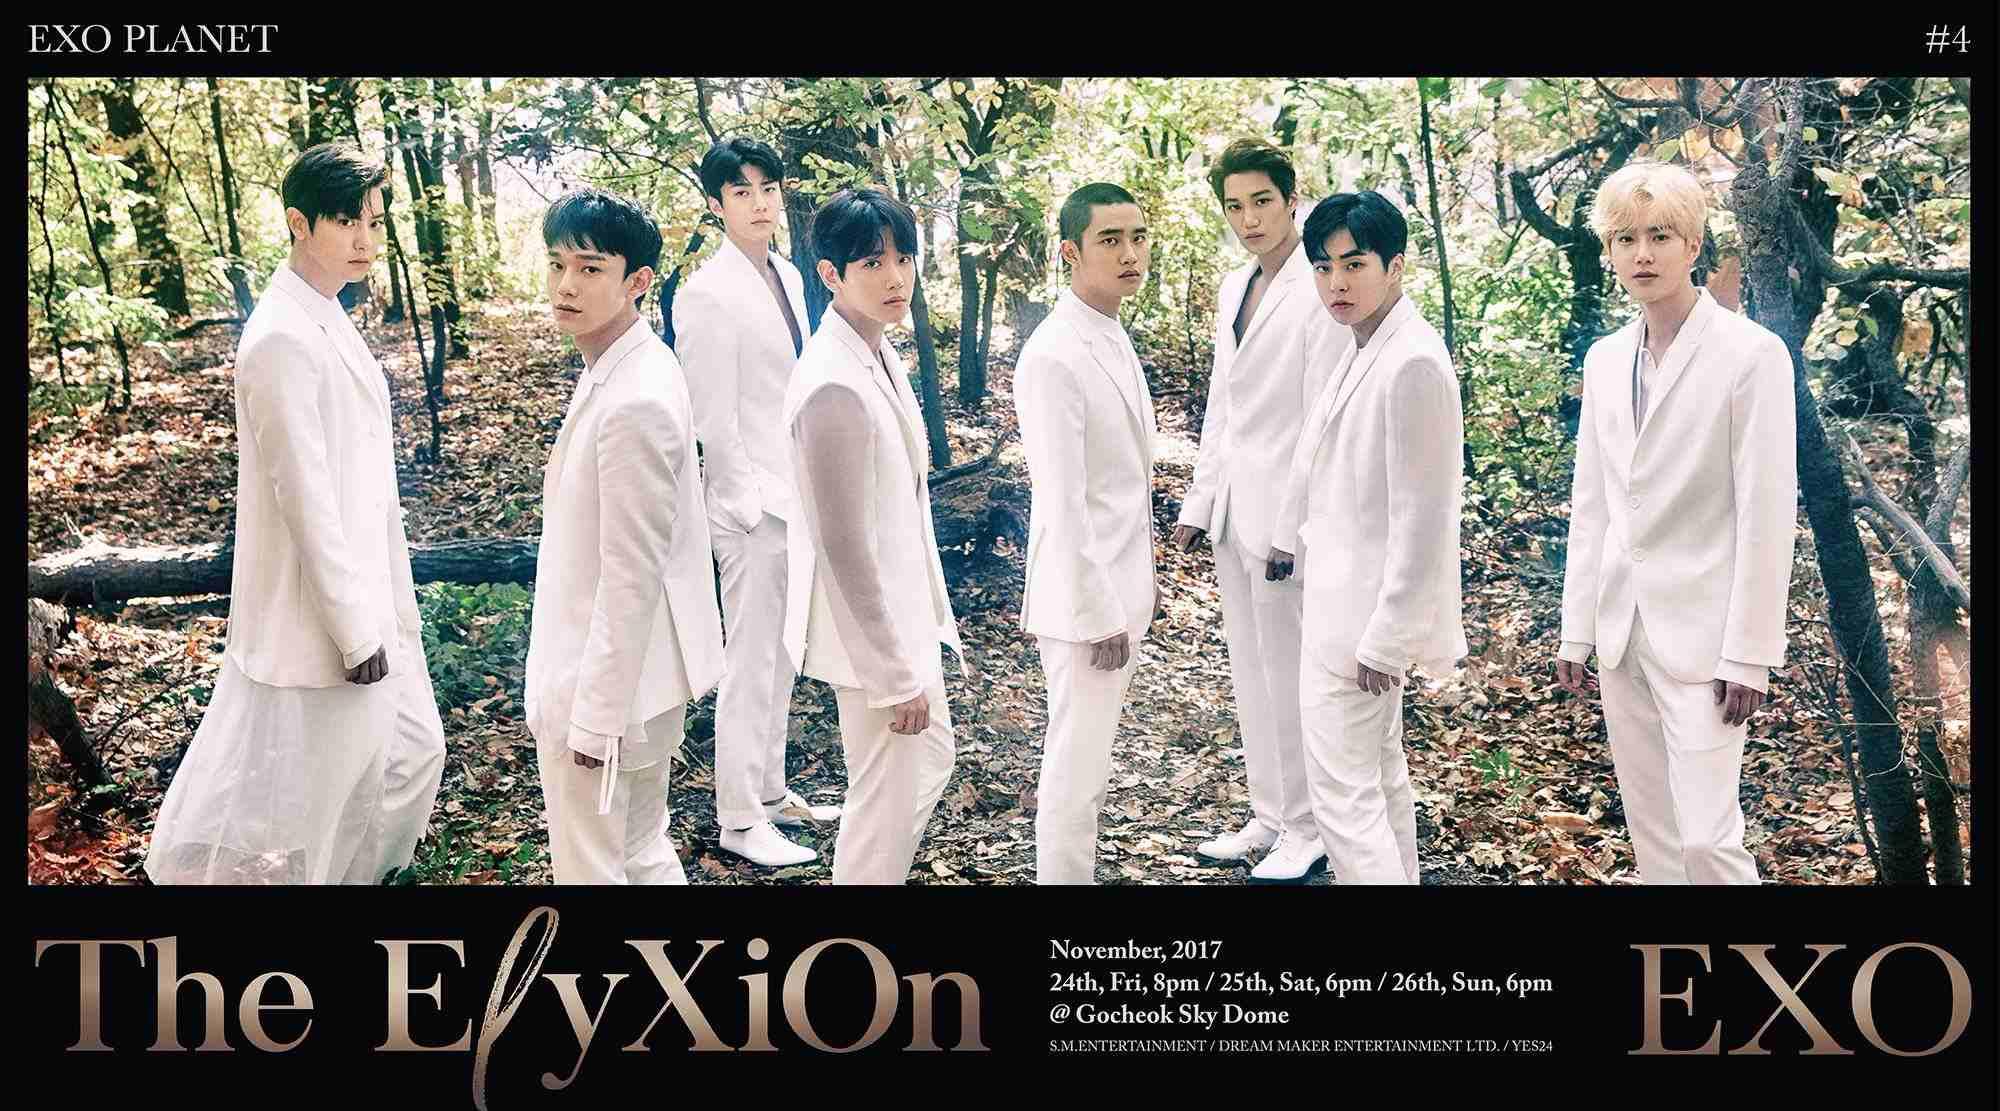 粉絲們期待已久的EXO四巡演唱會終於要開始啦(尖叫) SM官方也釋出了最新預告照,成員們這次的風格曝光後讓網友直呼超像漫畫裡走出的白馬王子,雖然成員的造型都非常帥氣但小編的焦點全都在D.O.的新髮型上(笑XD)